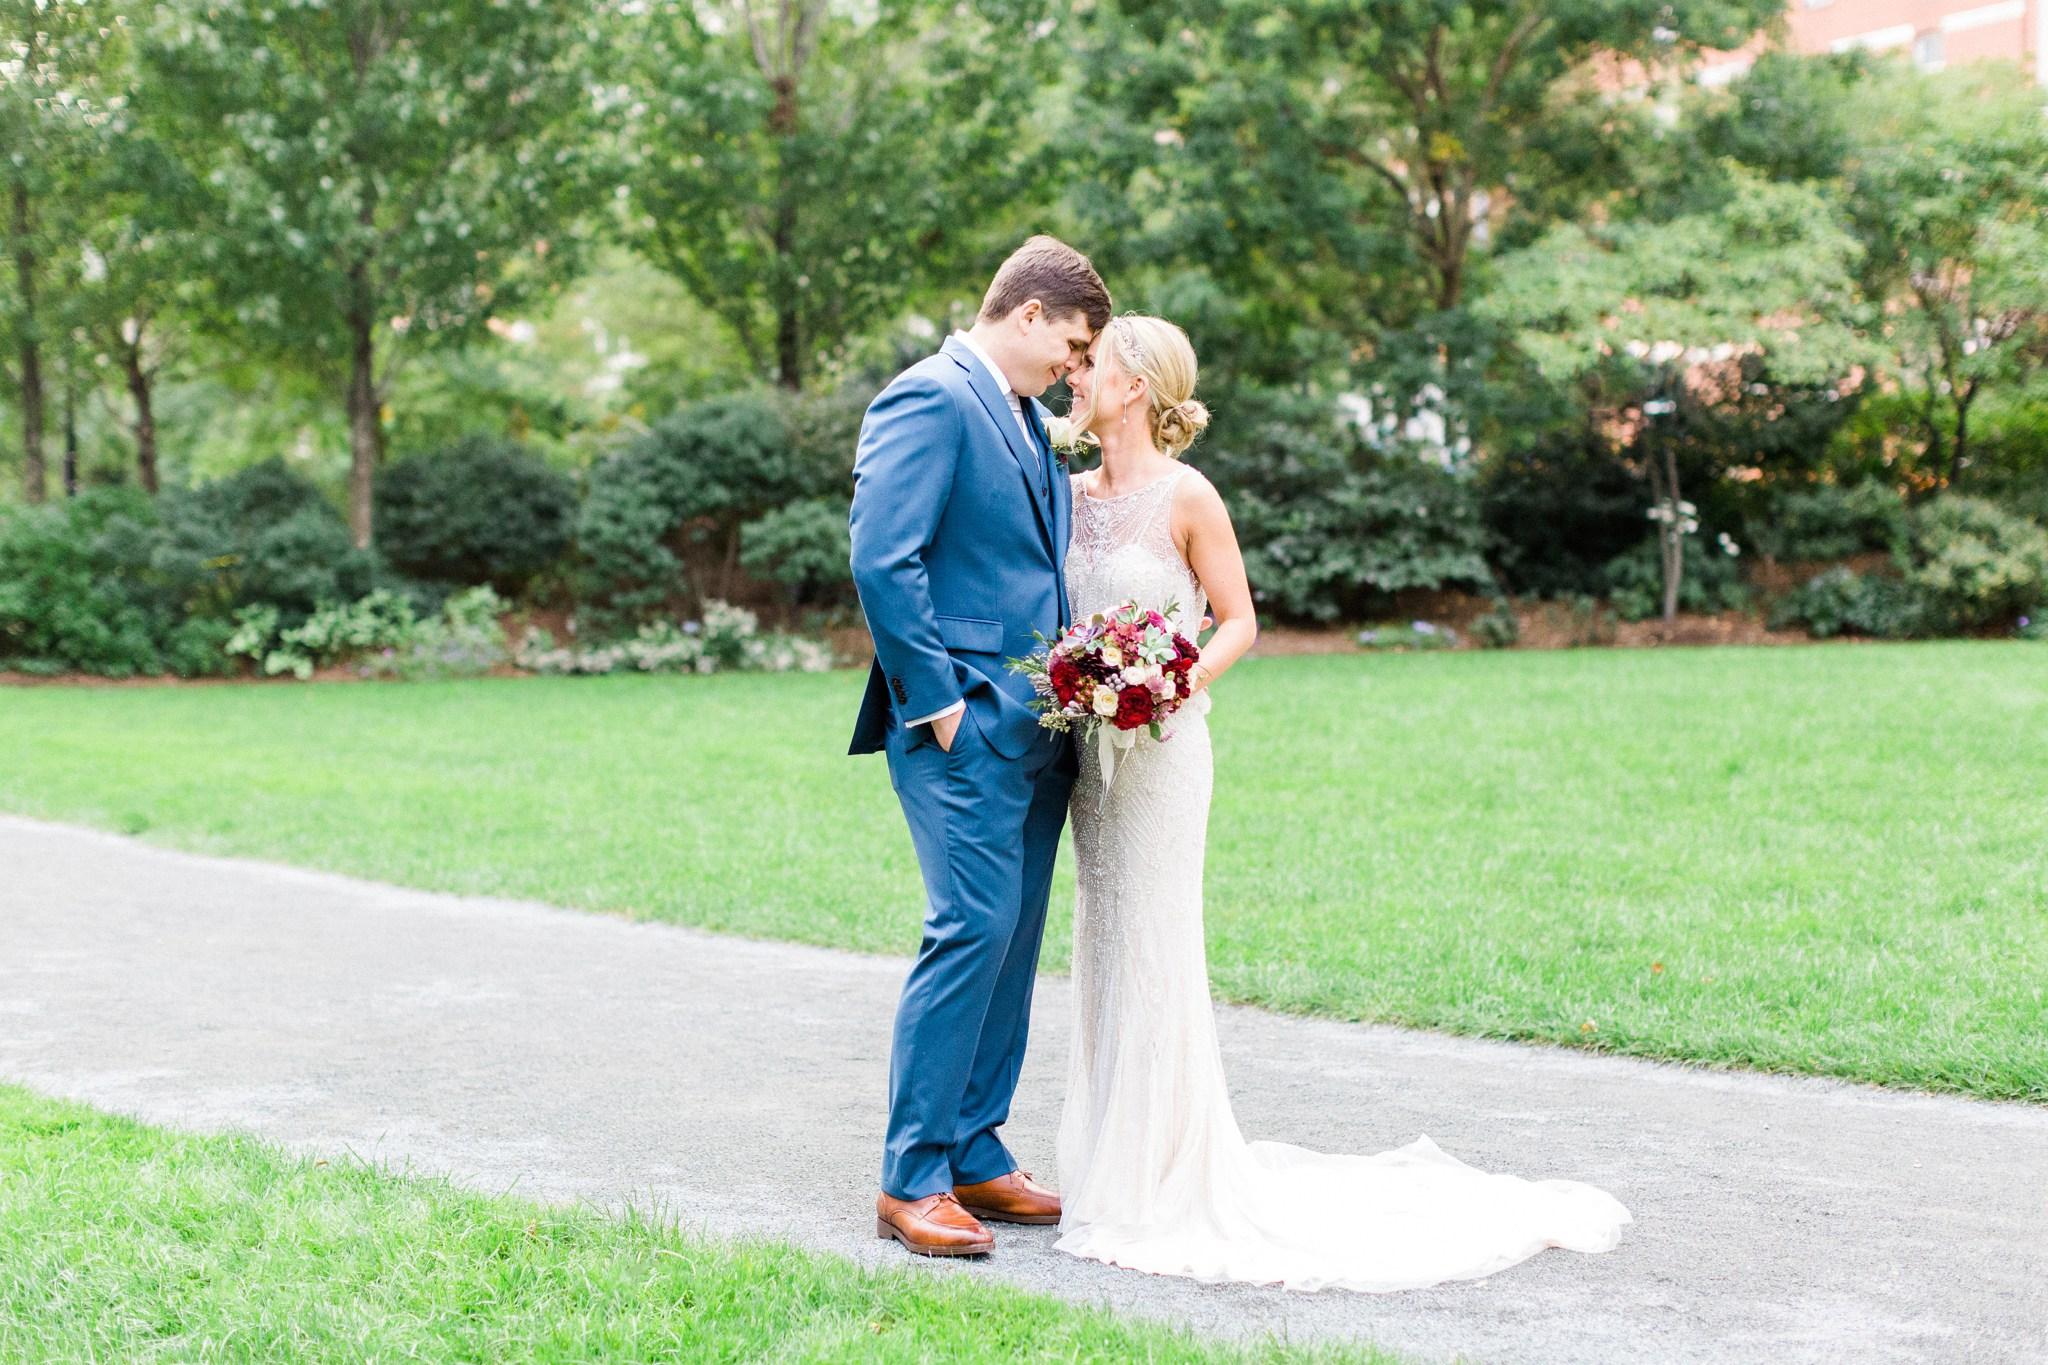 boston_wedding_deborah_zoe_photography_00023.JPG